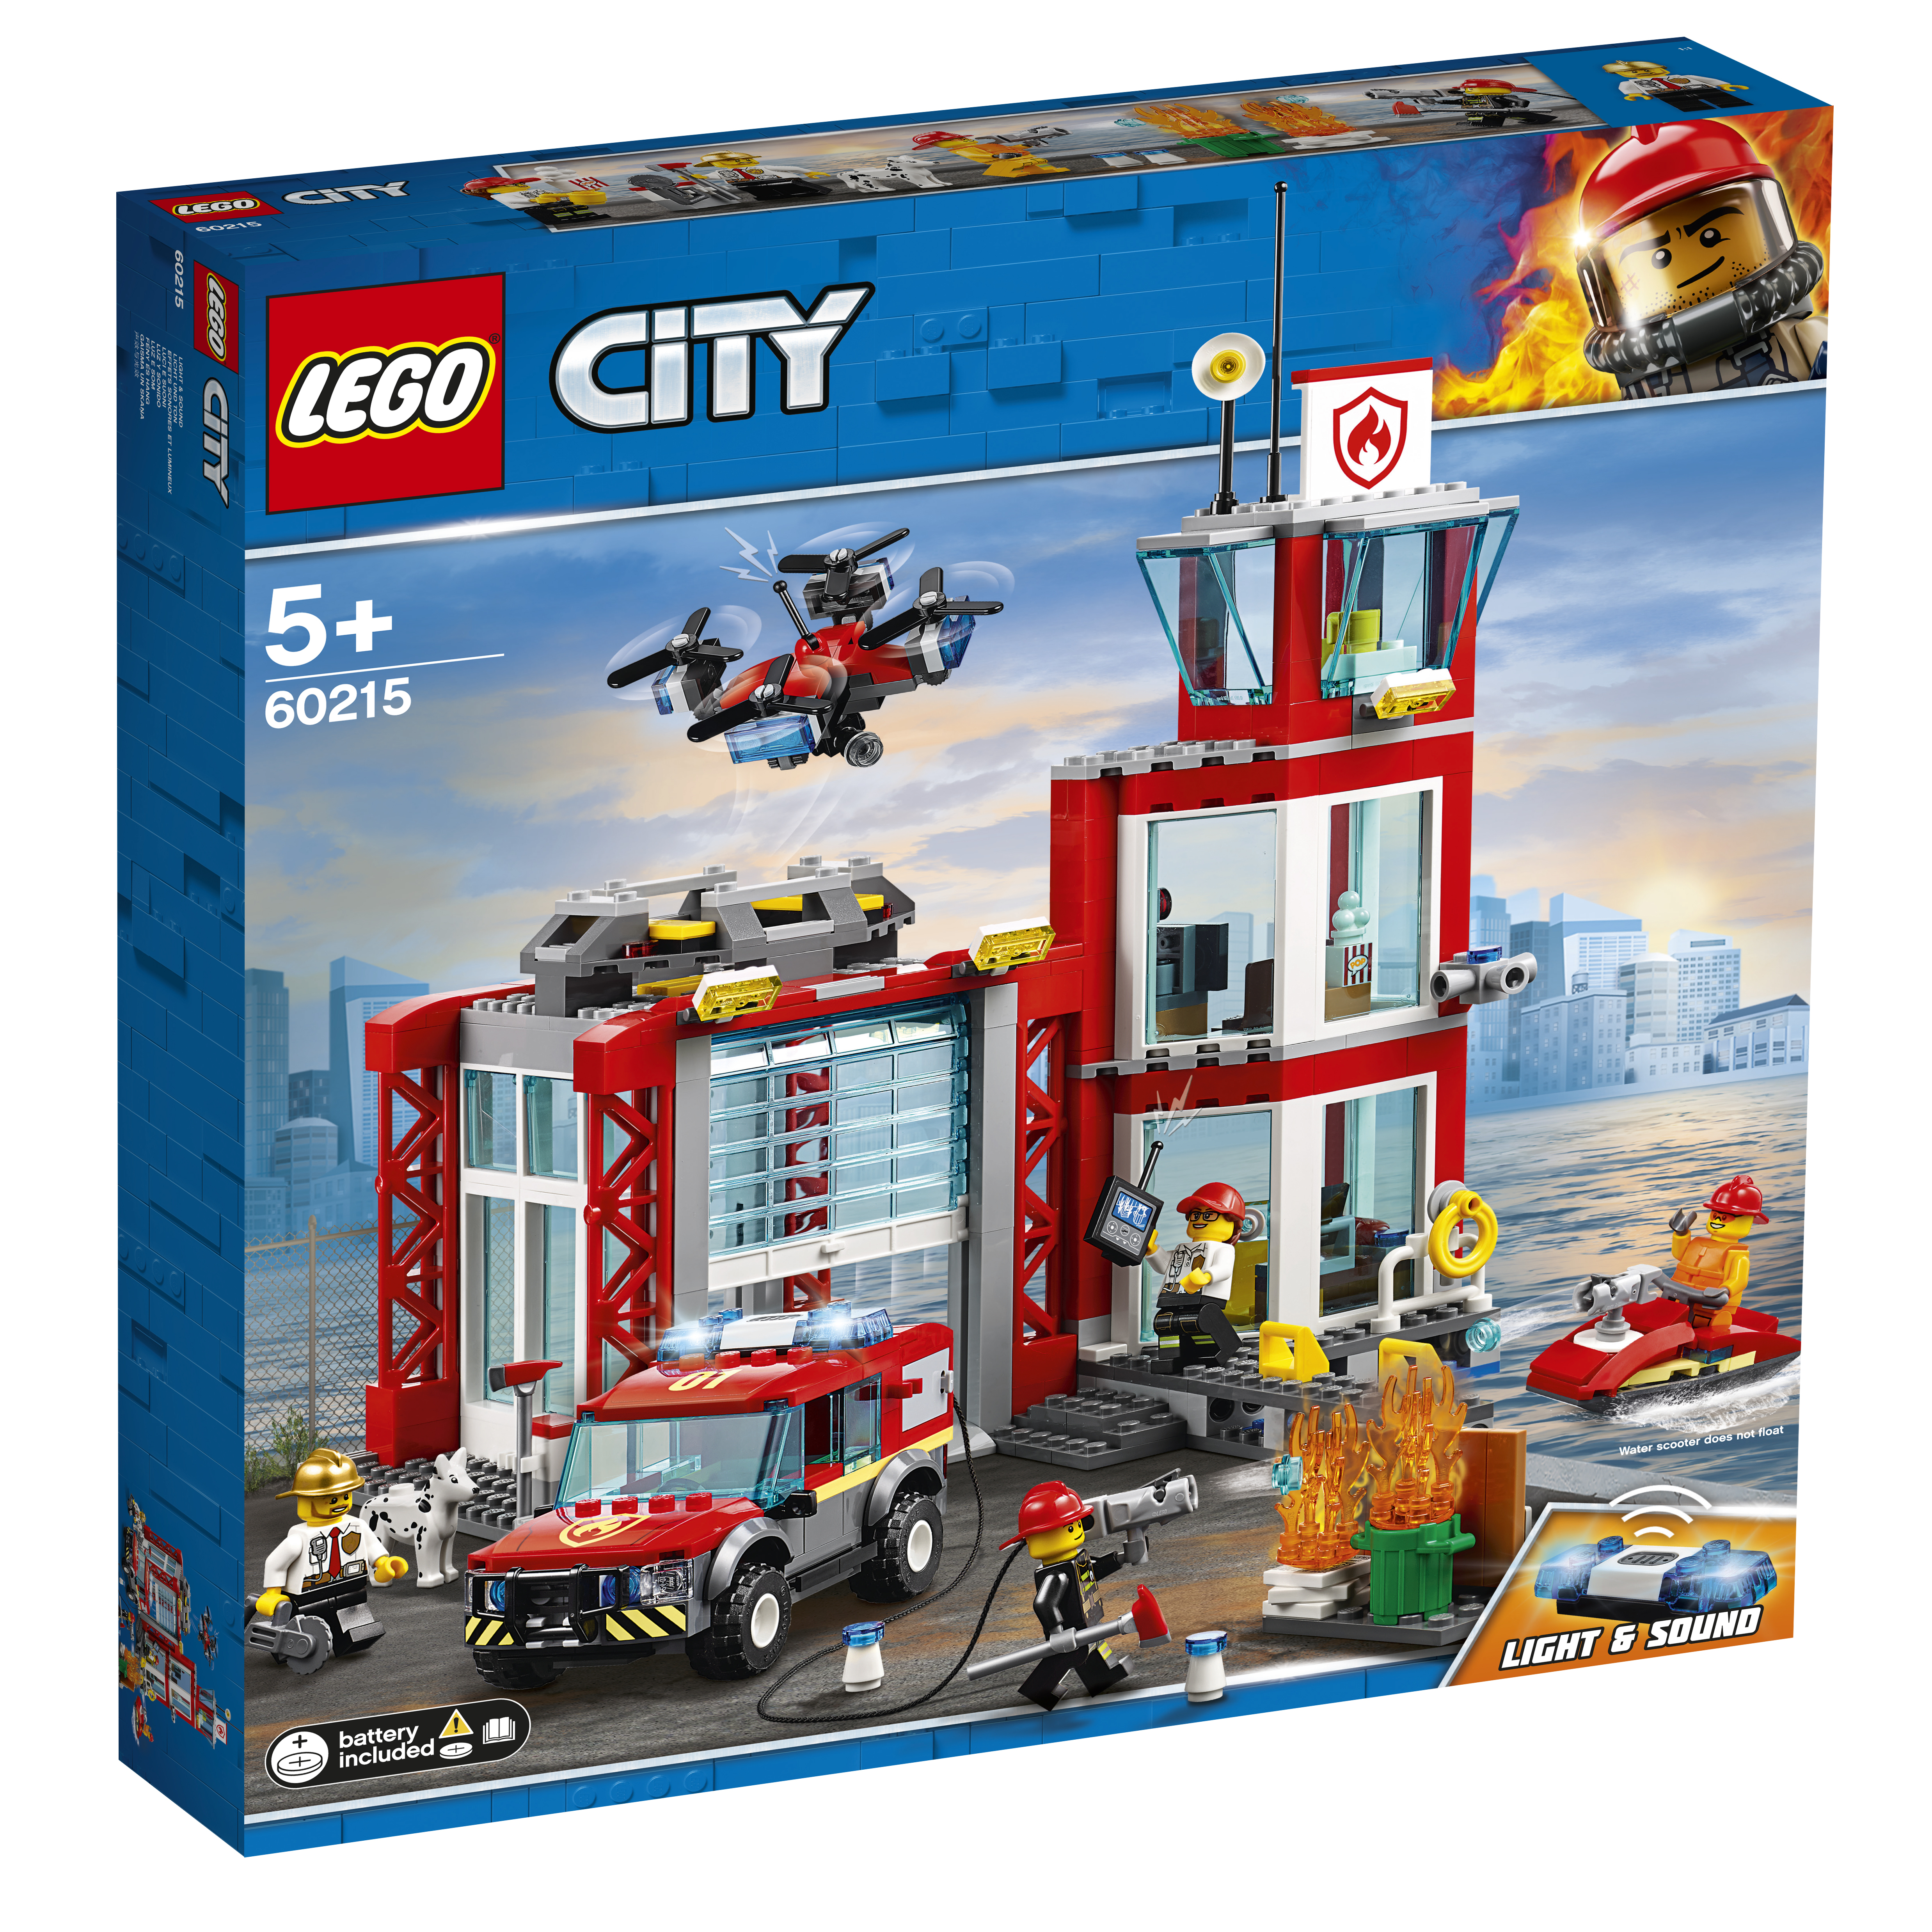 Конструктор LEGO City Fire 60215 Пожарное депо цена